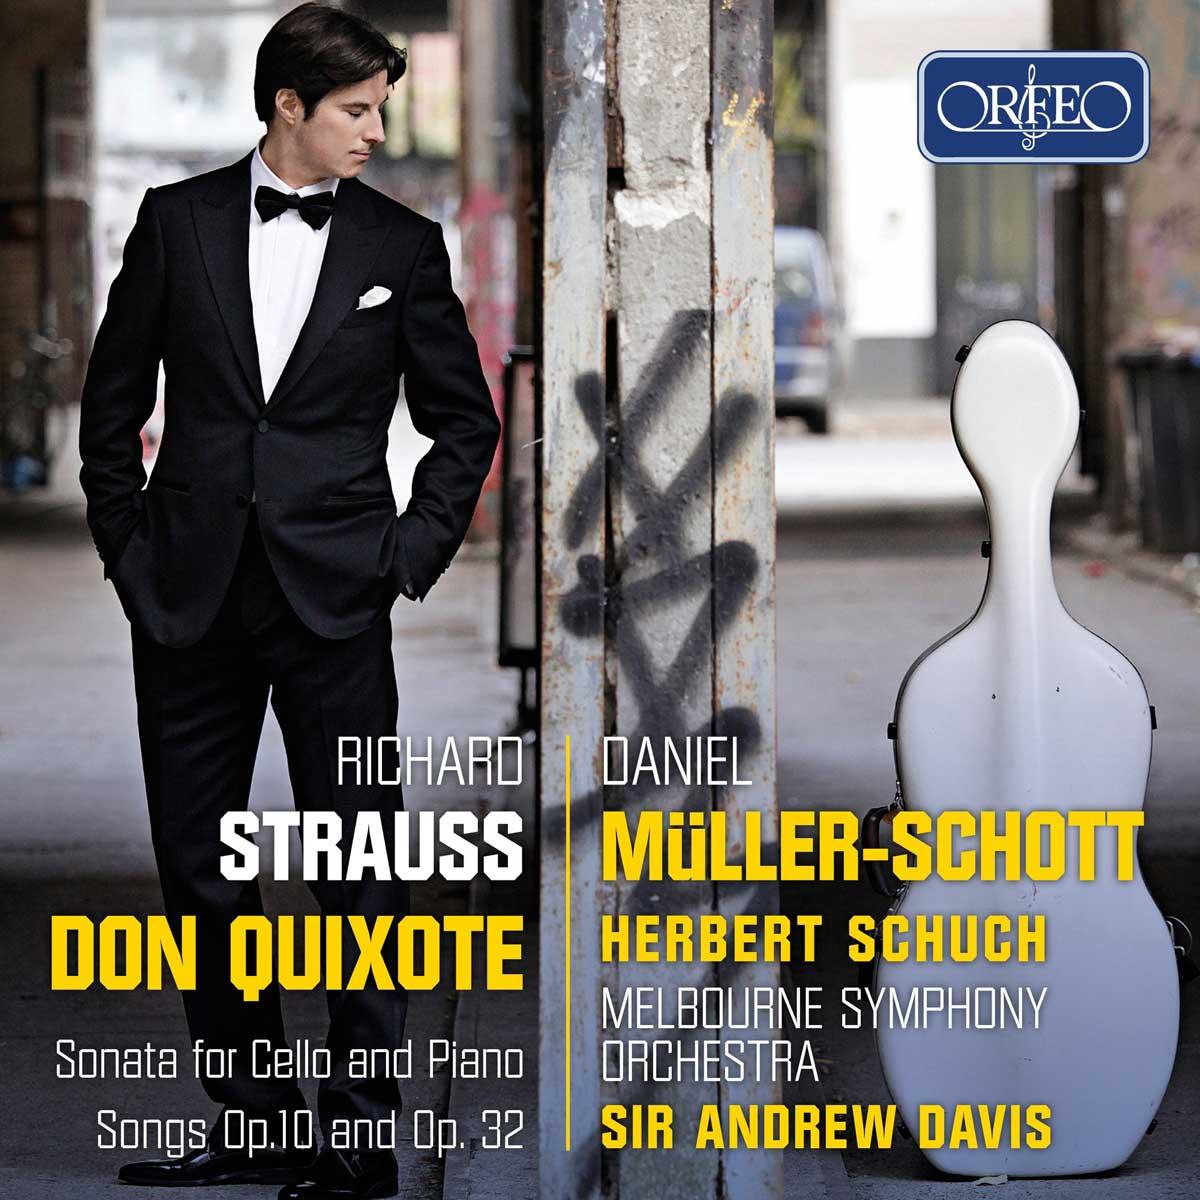 Nouveau CD de Daniel Müller-Schott chez Orfeo